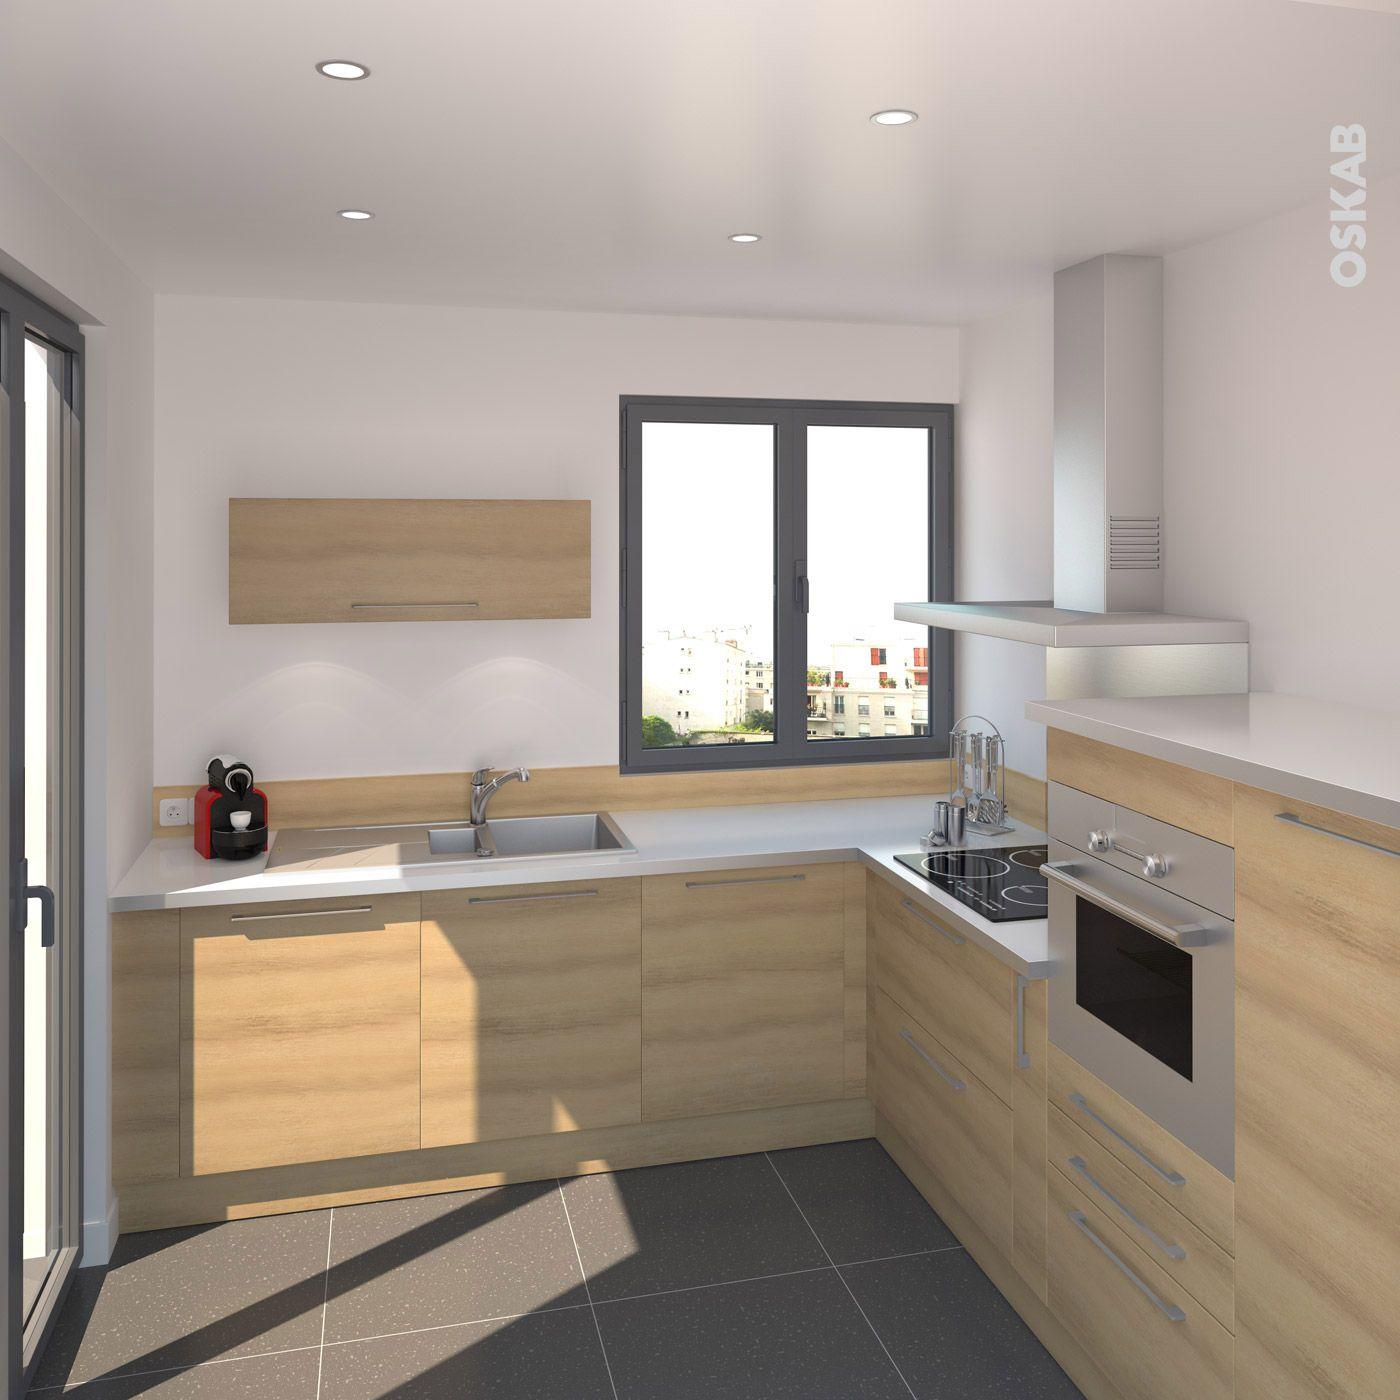 plan de travail cuisine grande longueur fabriquer une table plan de travail with plan de. Black Bedroom Furniture Sets. Home Design Ideas